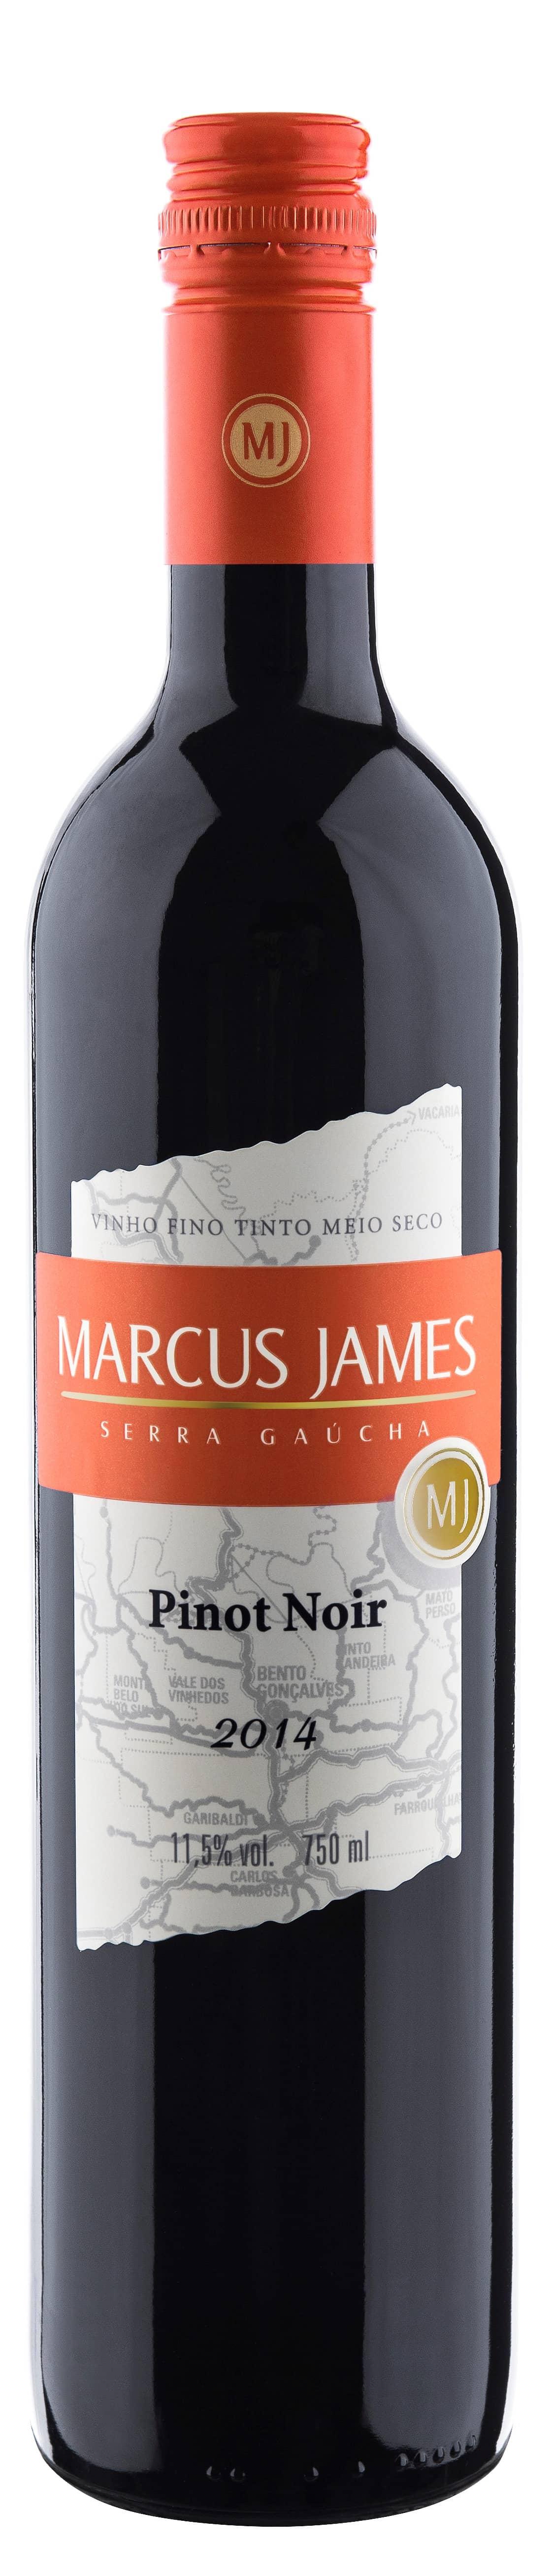 Marcus-James-Pinot-Noir